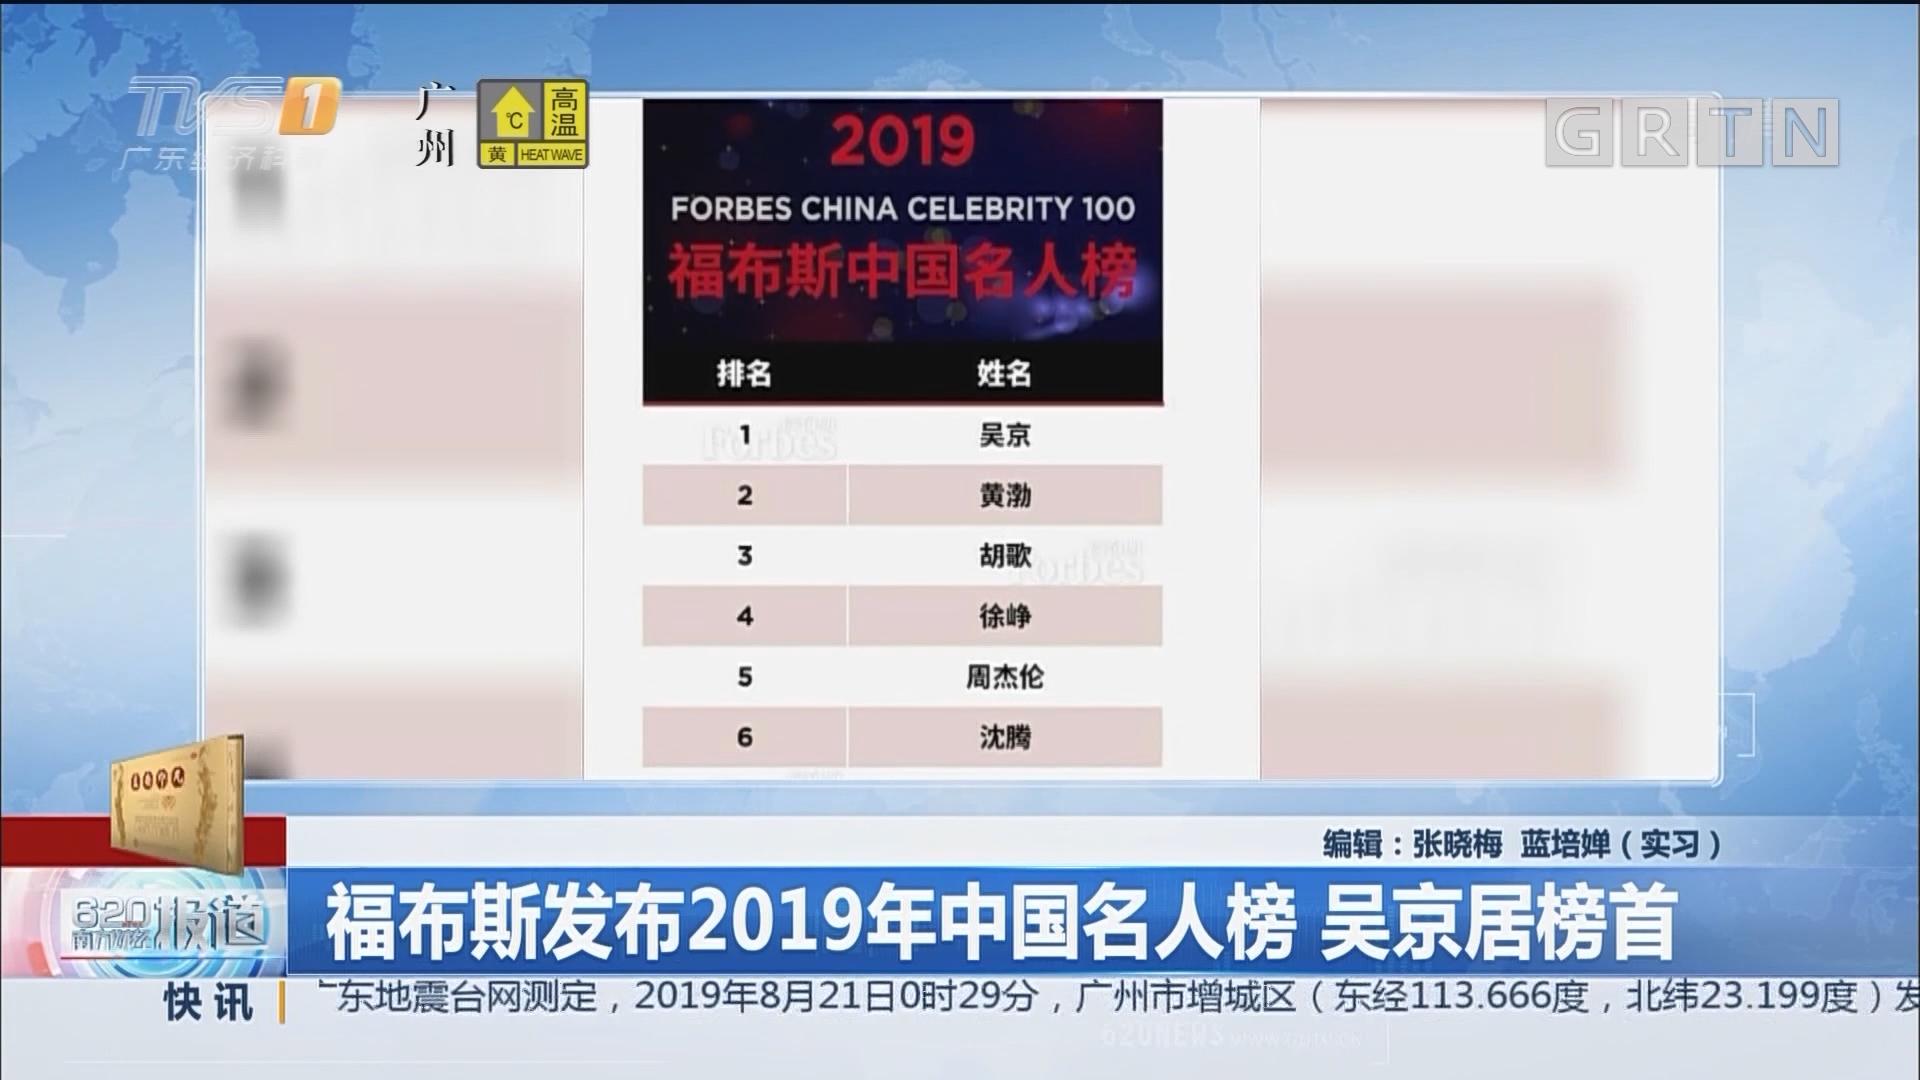 福布斯发布2019年中国名人榜 吴京居榜首